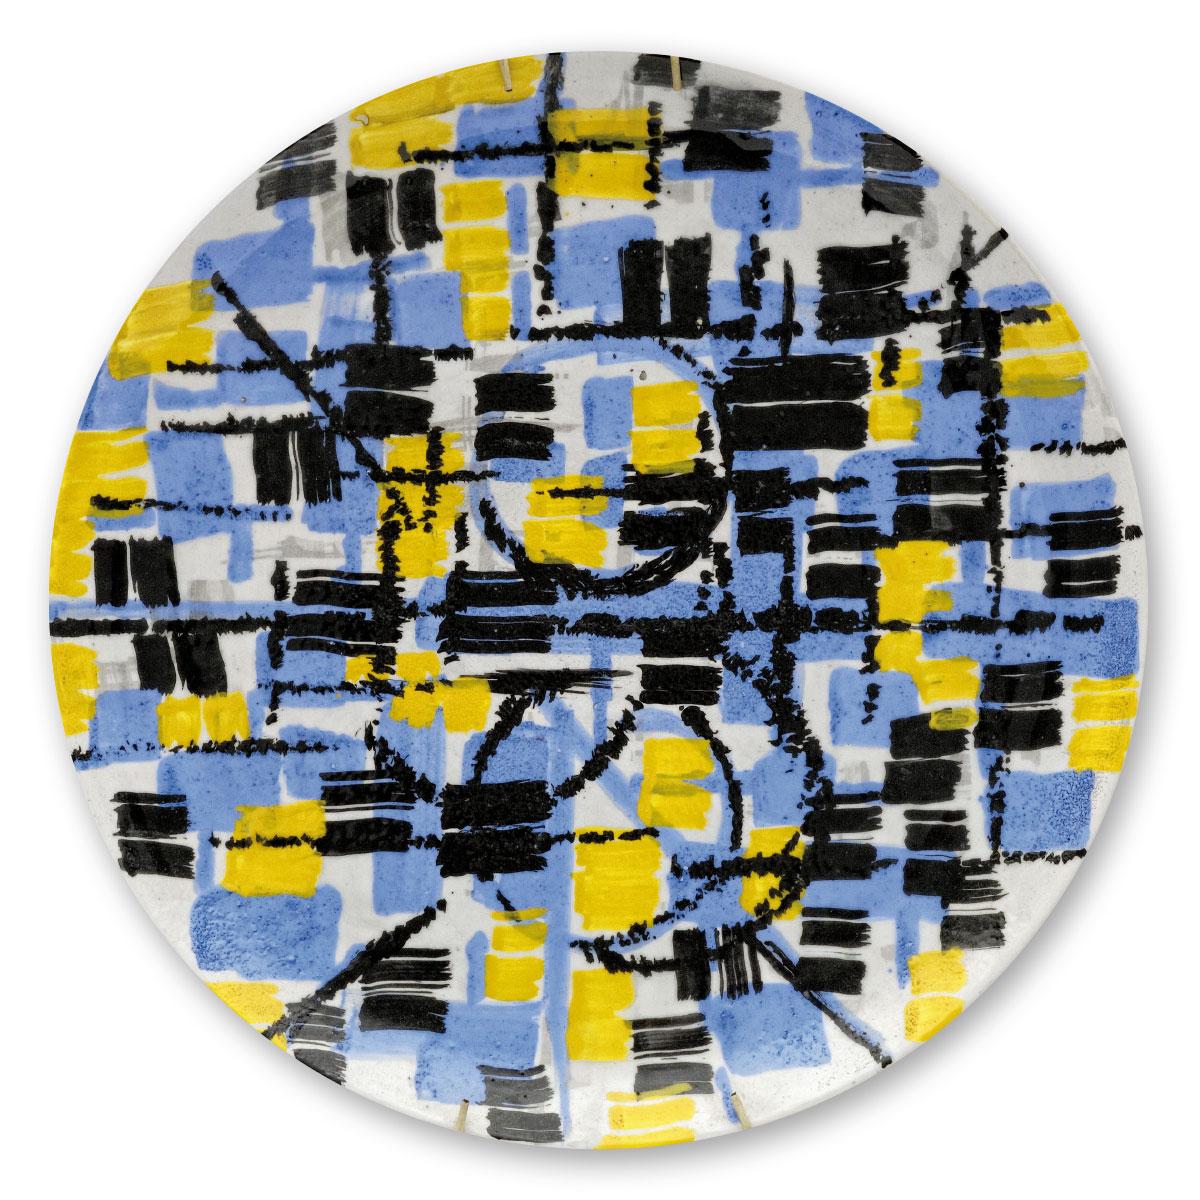 L'opera dell'artista Rocco Borella acquisita dal Museo a cielo aperto di Denice, dedicato alla ceramica contemporanea